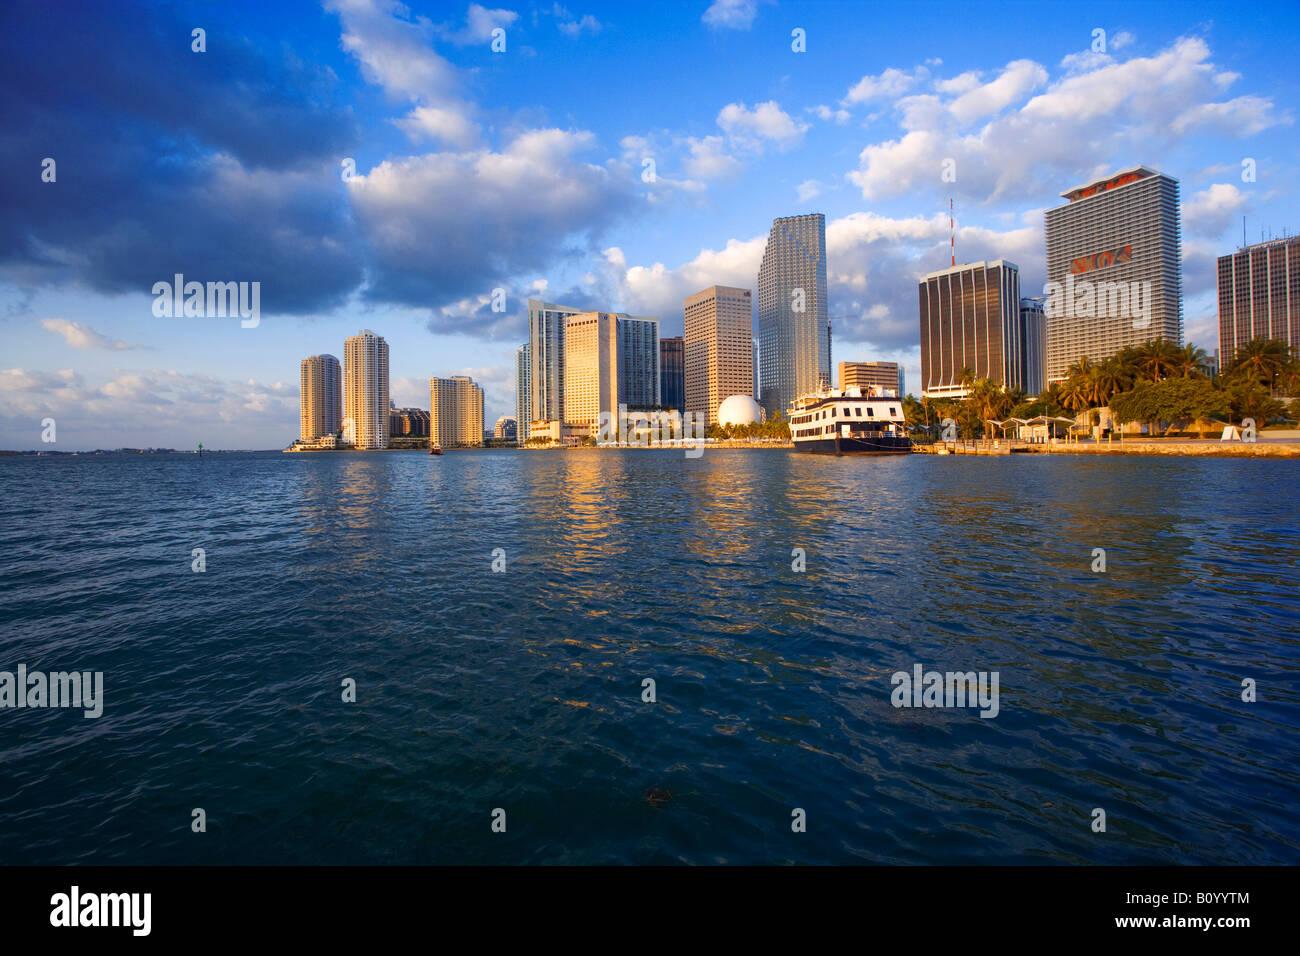 Miami skyline, Miami Florida, USA - Stock Image